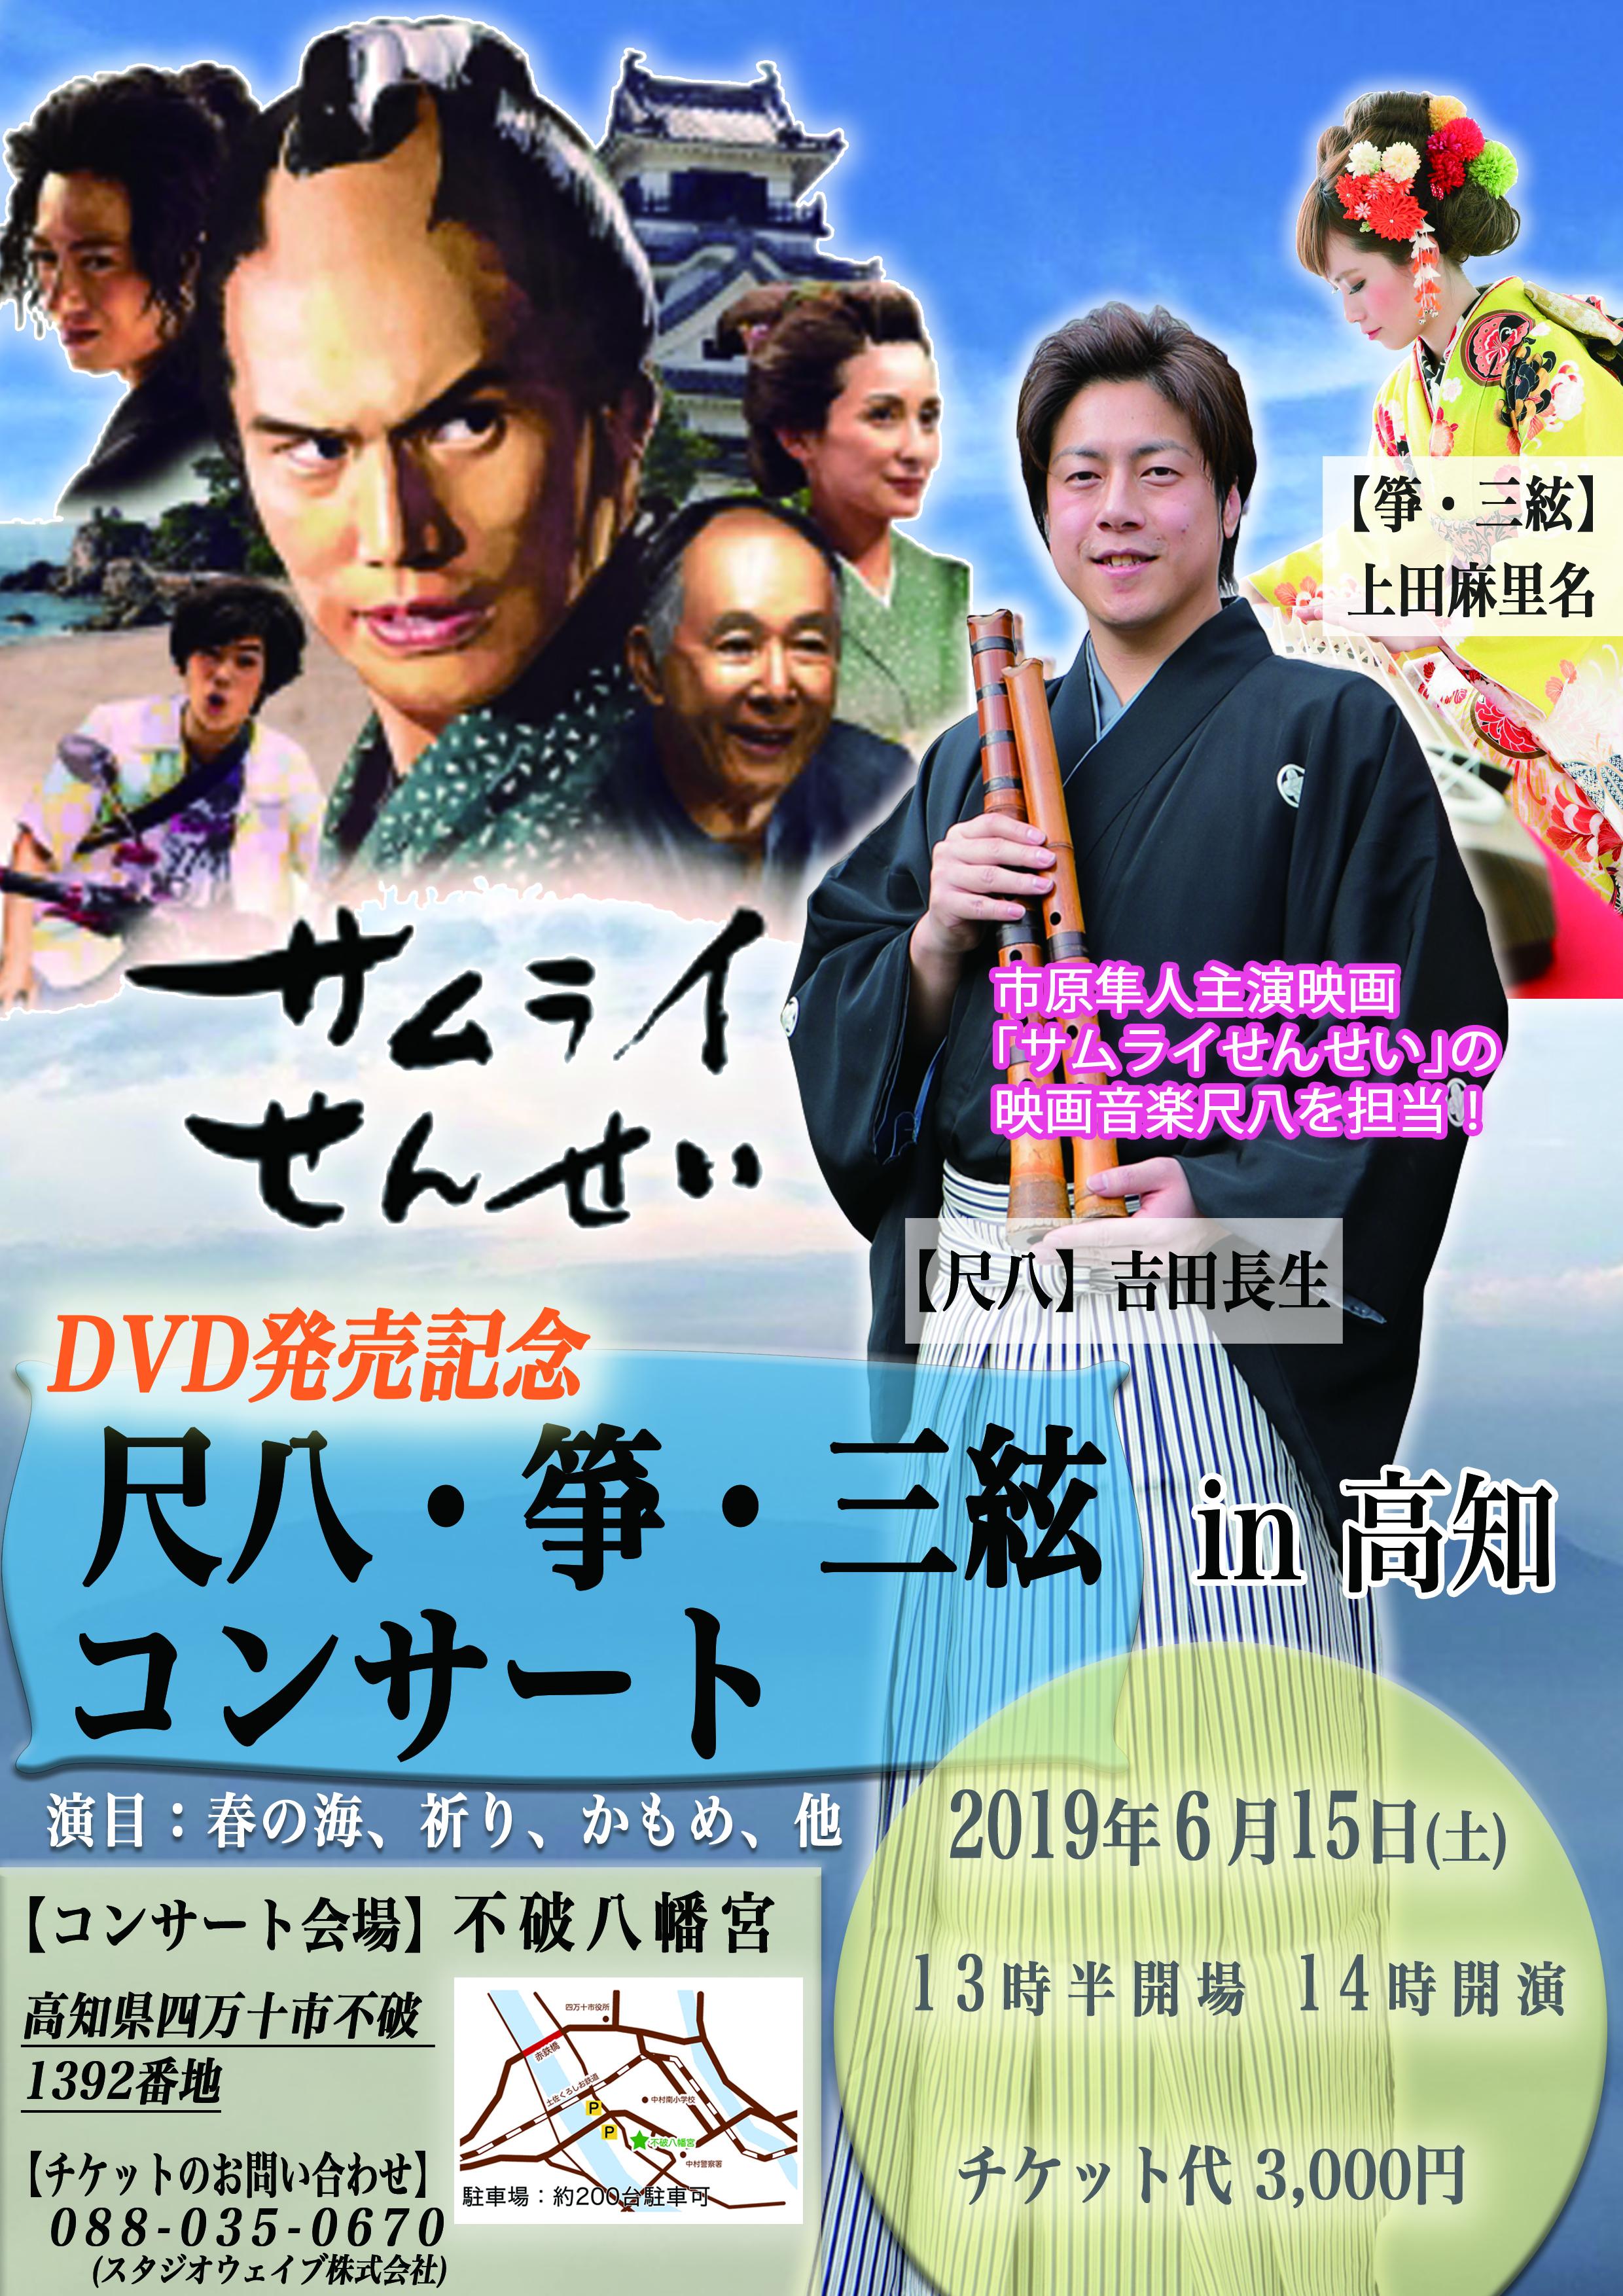 映画「サムライせんせい」DVD発売記念コンサート(高知県・徳島県)開催決定